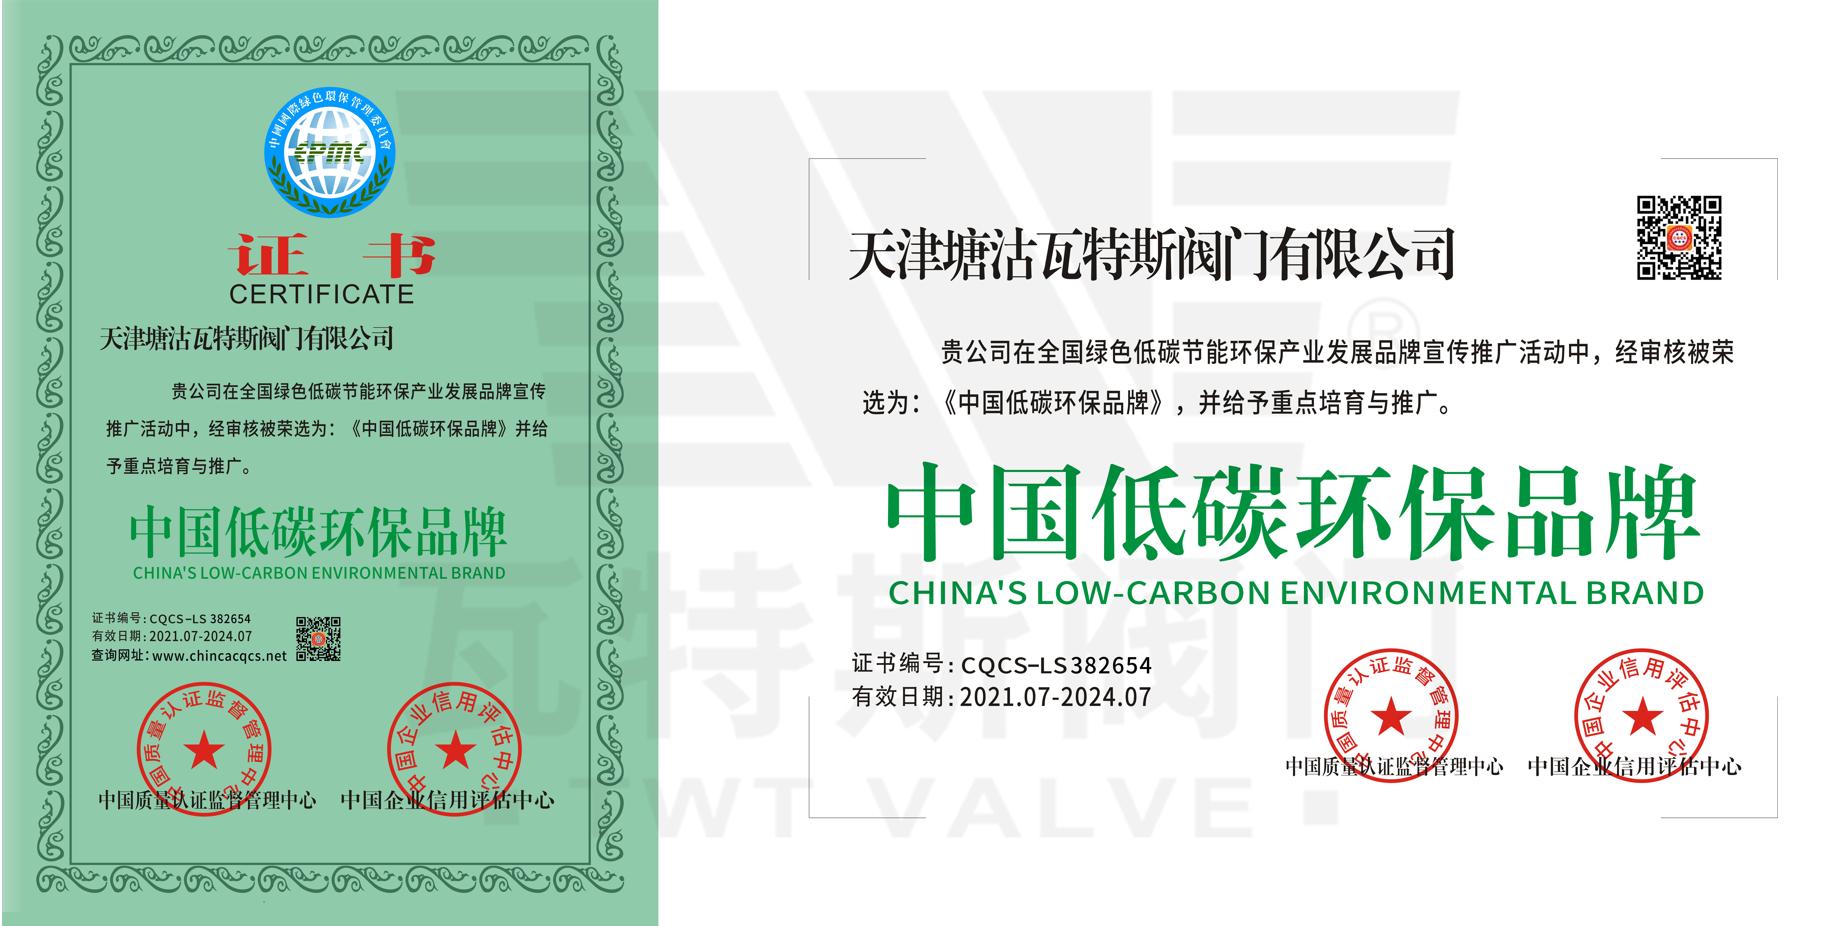 低碳环保品牌